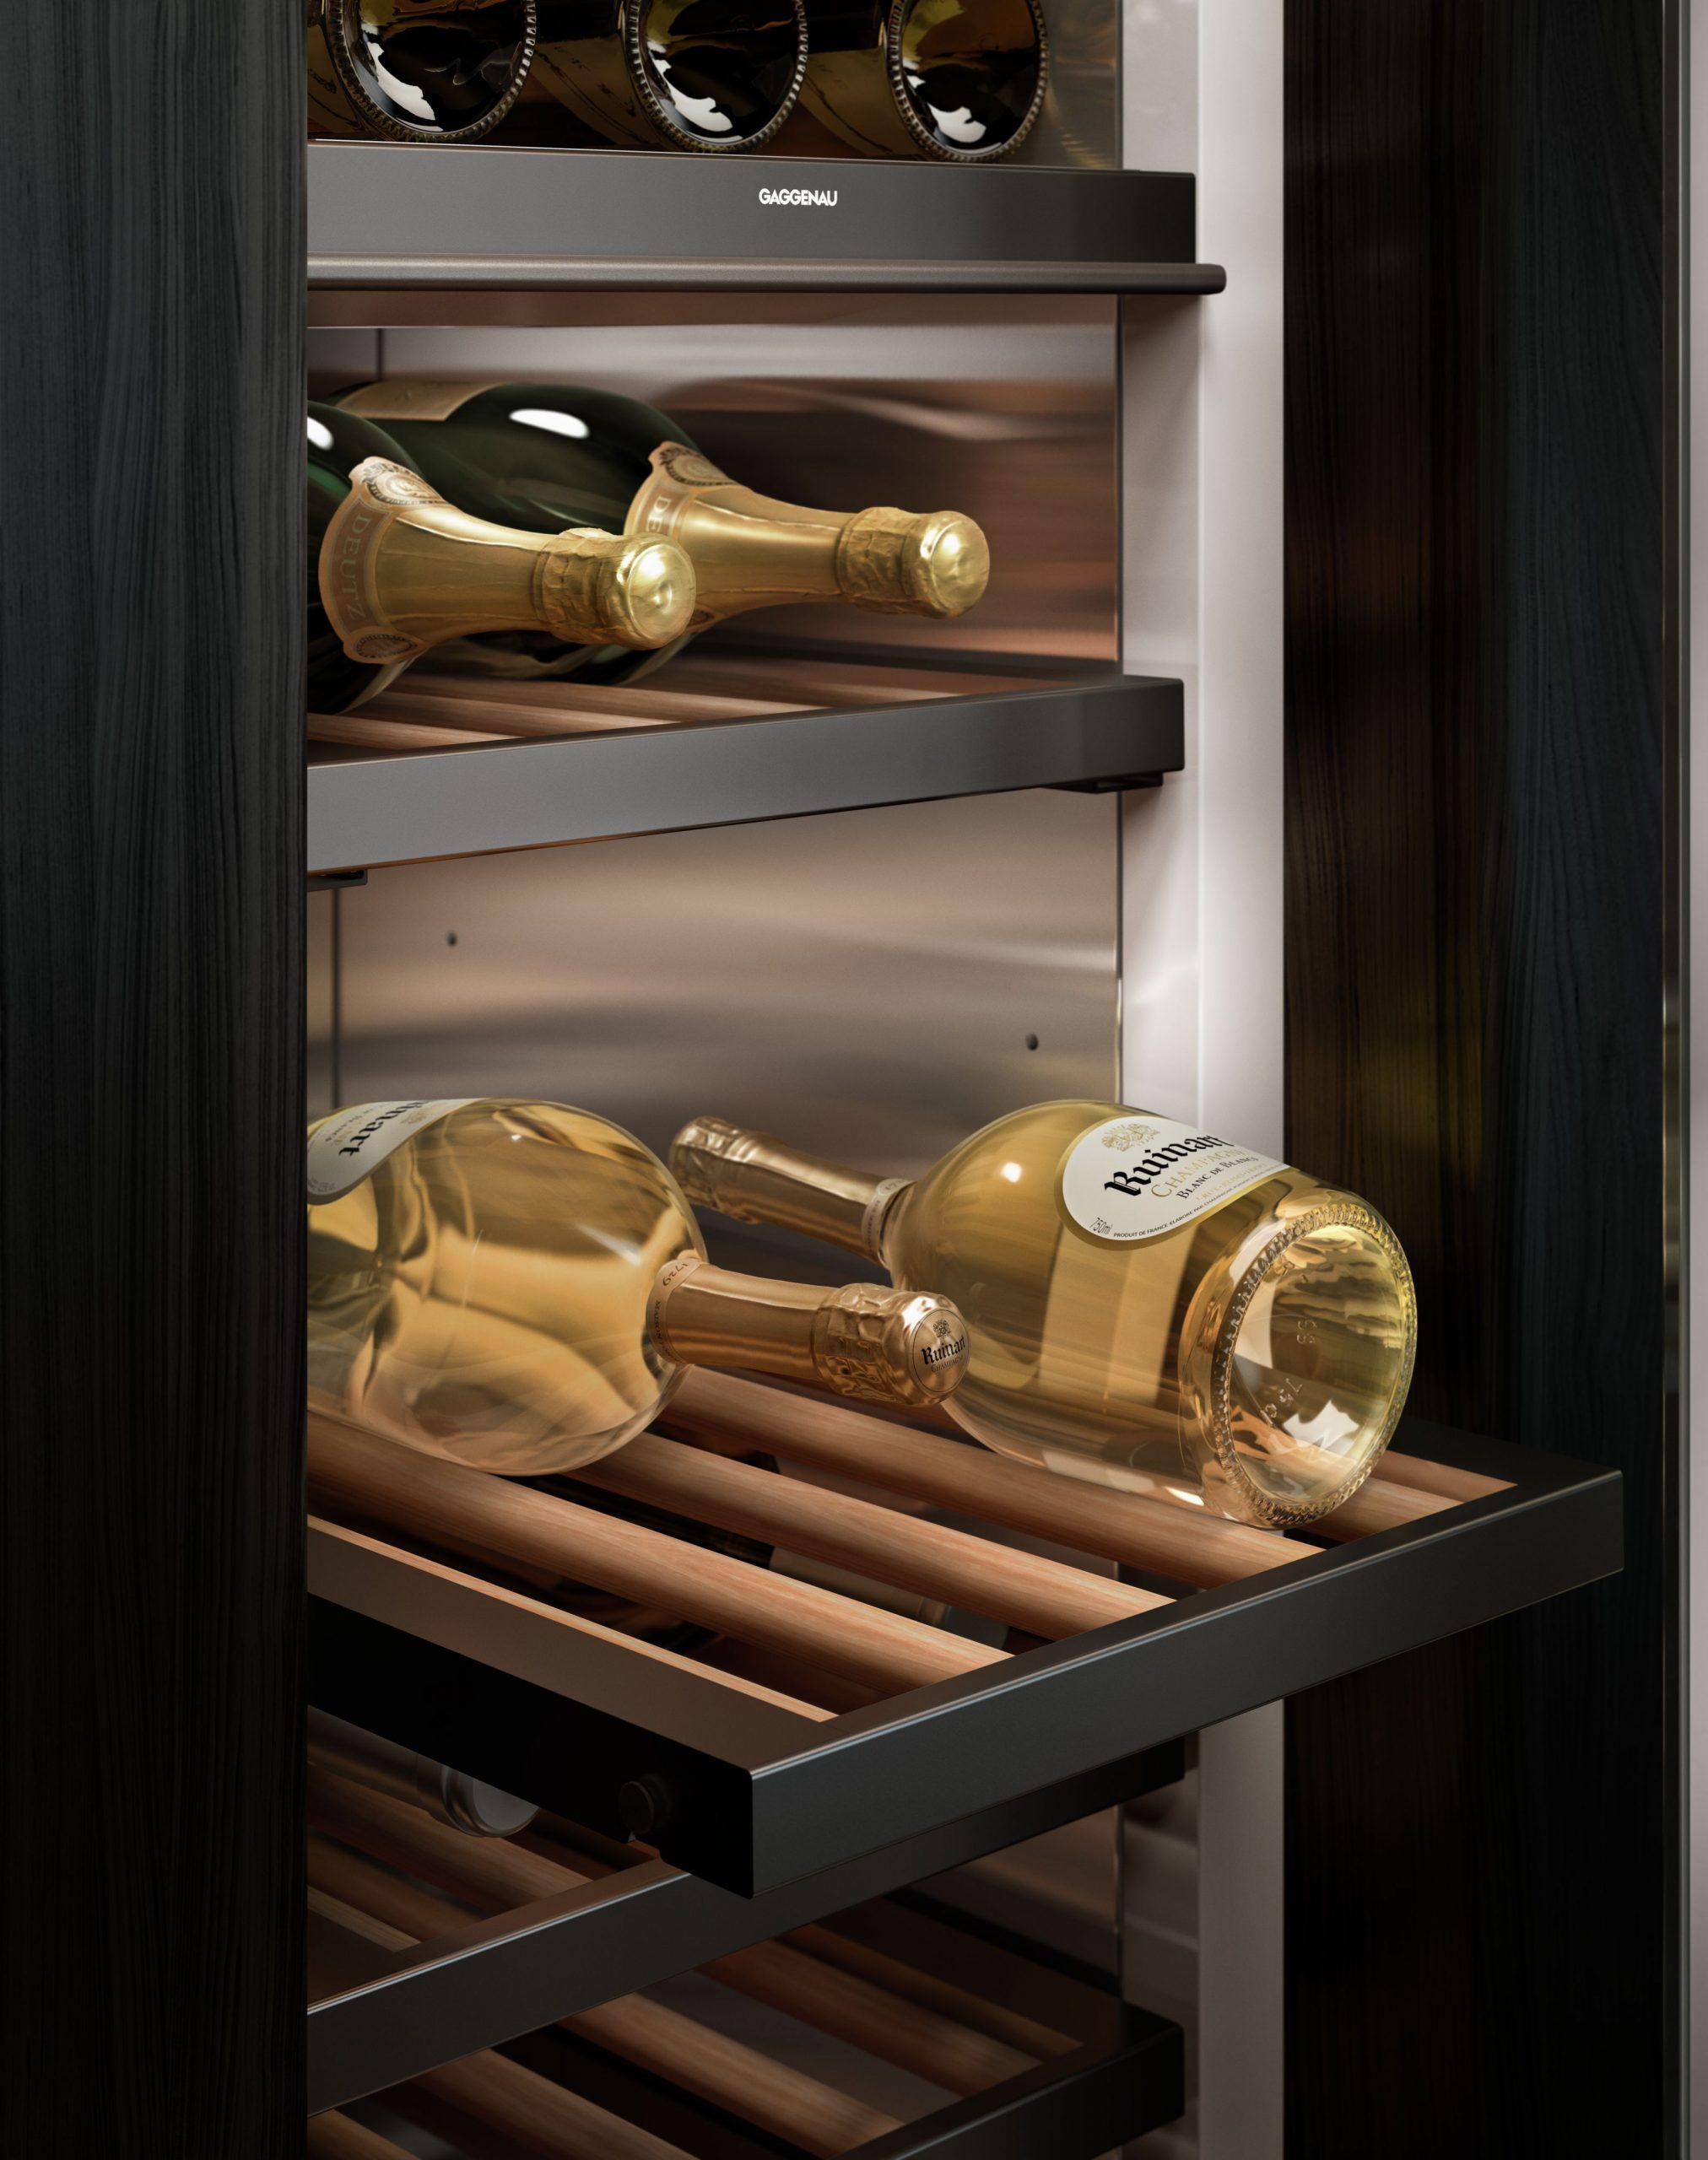 Vínotéka Gaggenau, séria 400